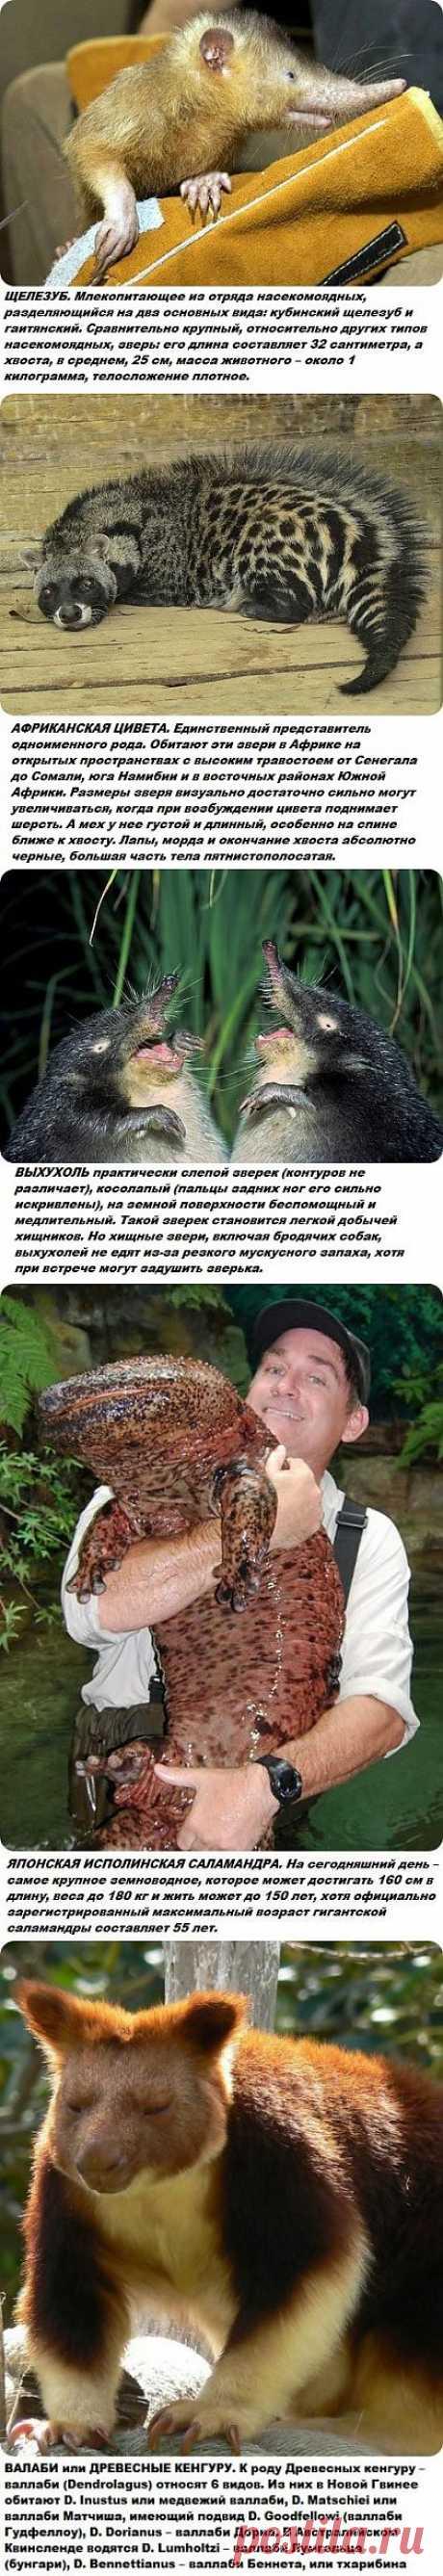 Самые странные и редкие животные на планете.